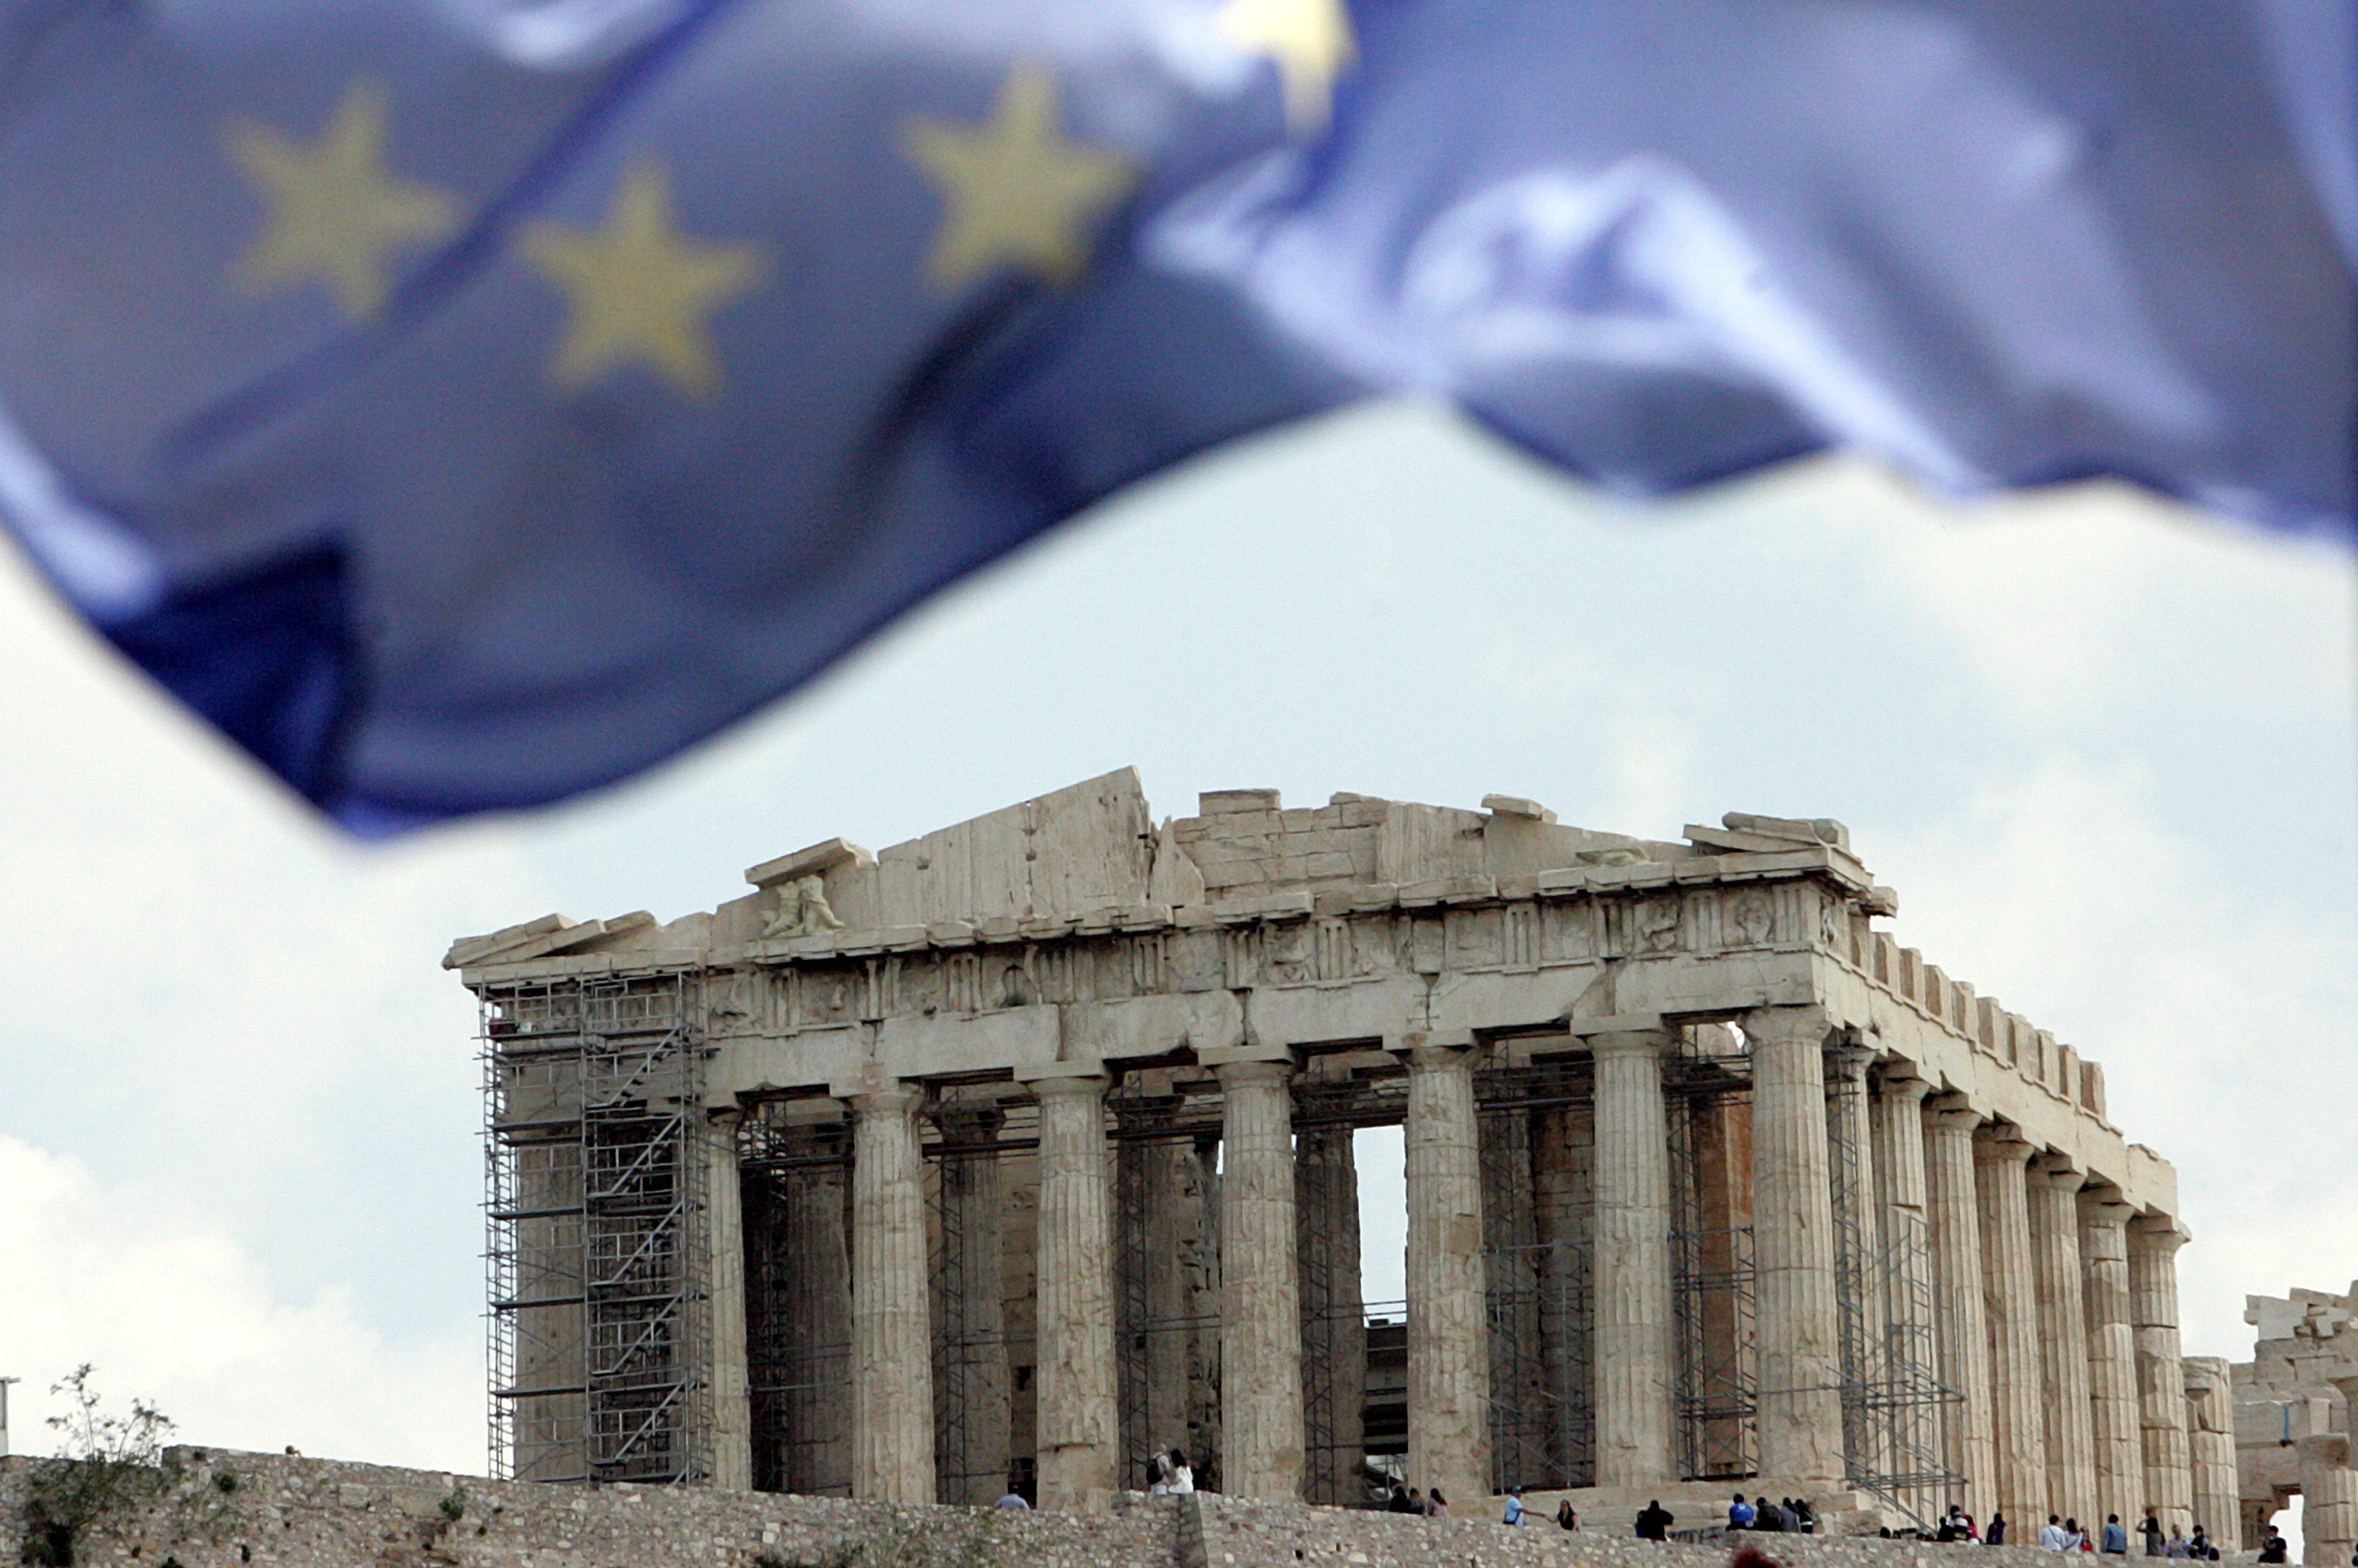 Σχέδιο «Εύρηκα»: Πώς θα «σωθεί» η Ελλάδα από την κρίση χρέους | tovima.gr